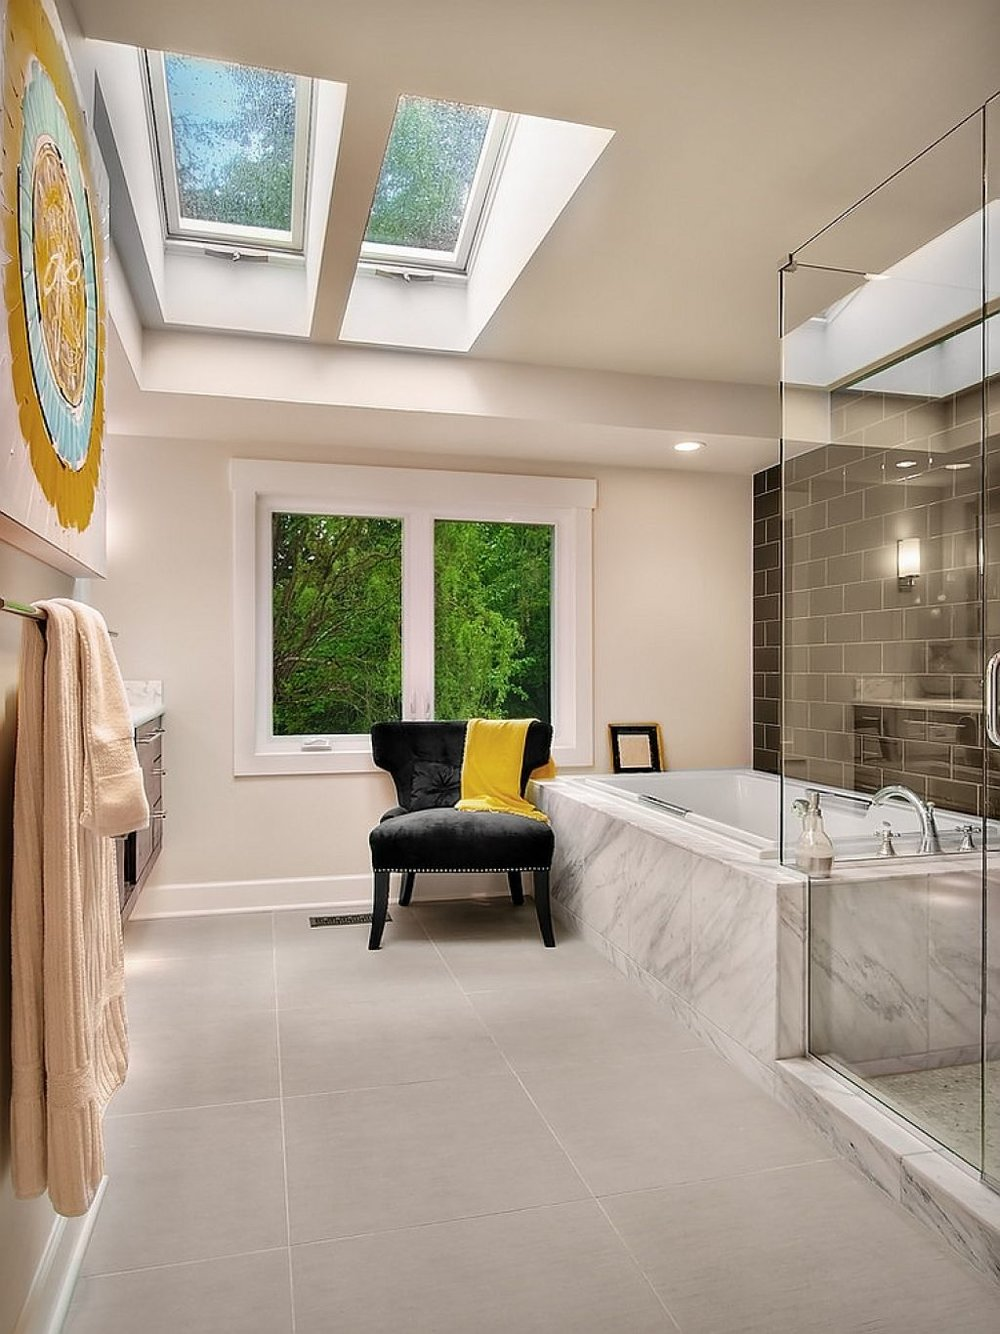 Glass Ceiling Image via  Design Milk